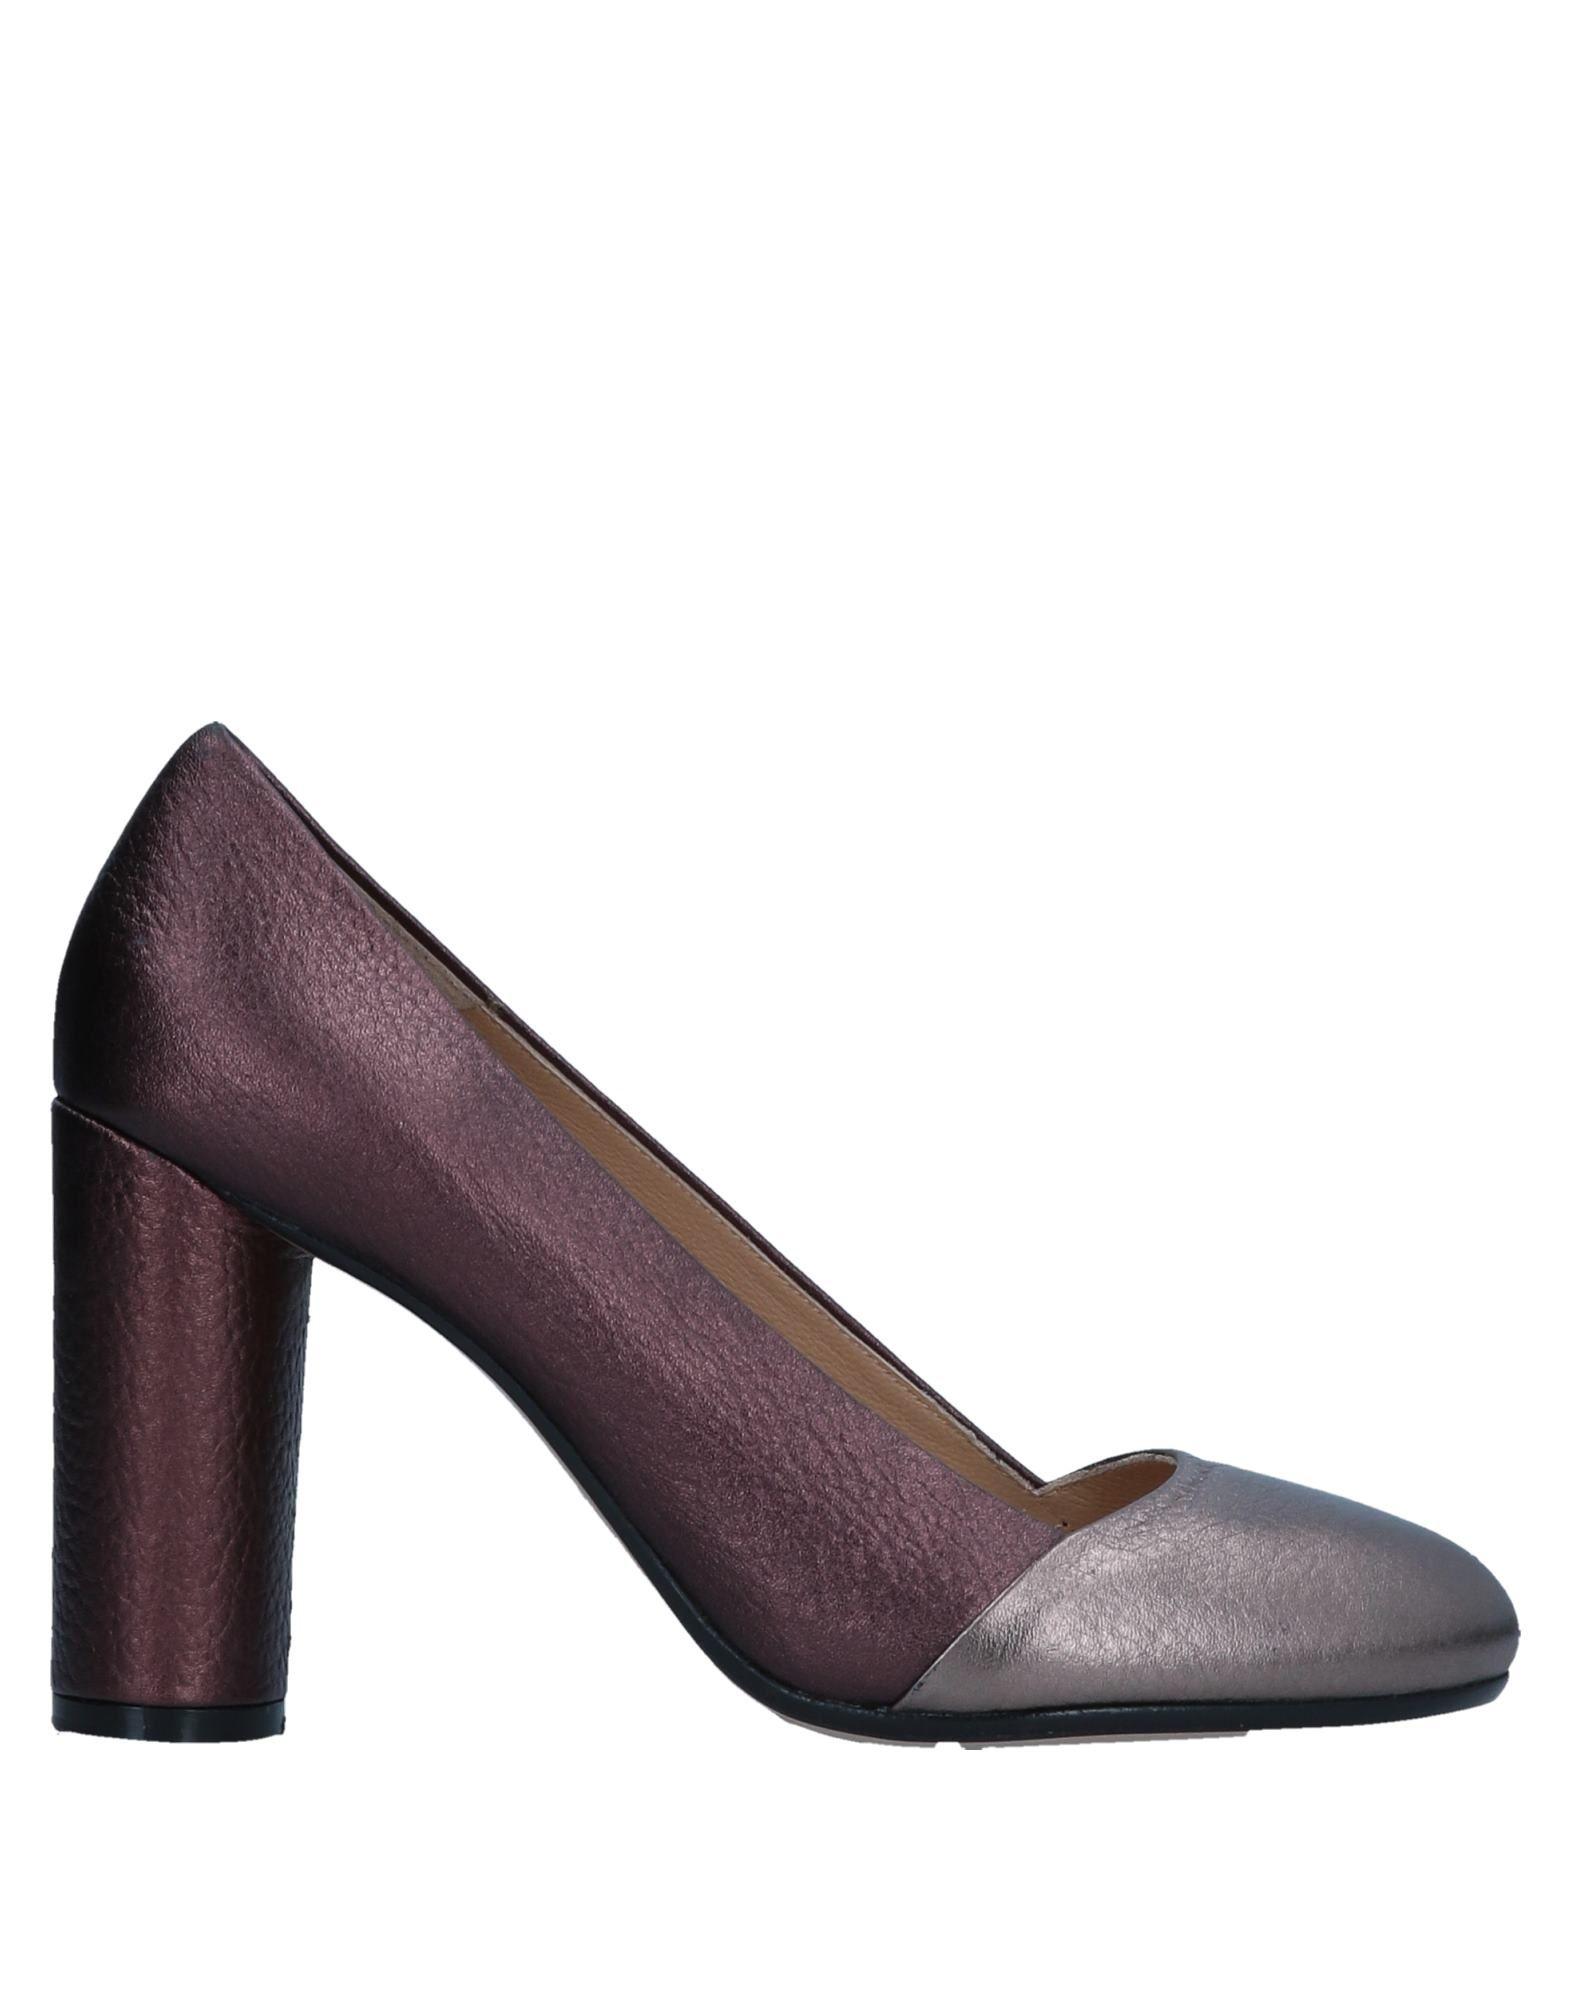 Sneakers Dsquared2 Uomo - 11372008GR Scarpe economiche e buone